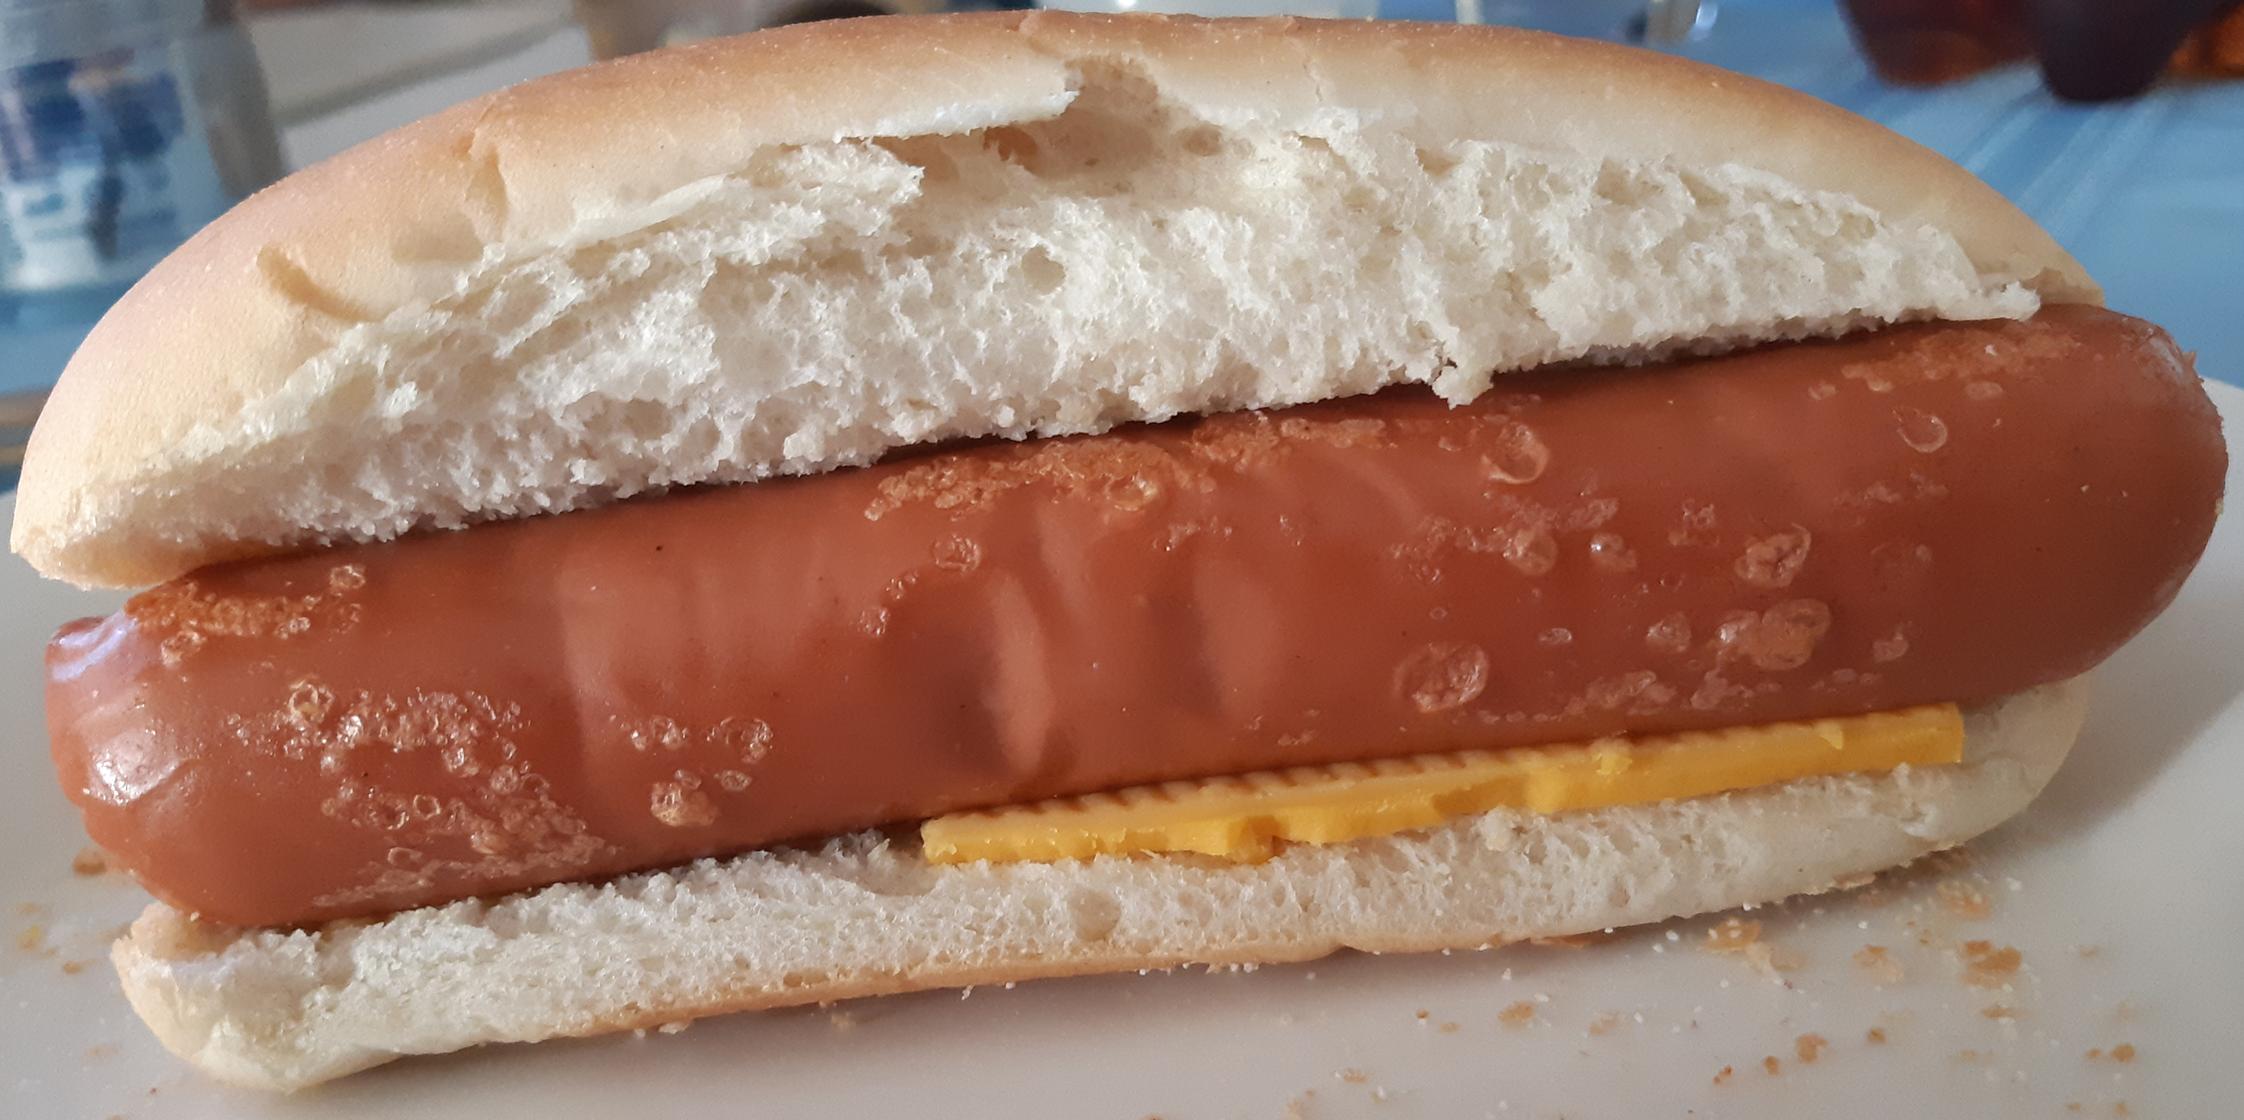 AterImber.com - The Veg Life - Product Reviews - Yves Veggie Dog Cooked - vegan, vegan food, food review